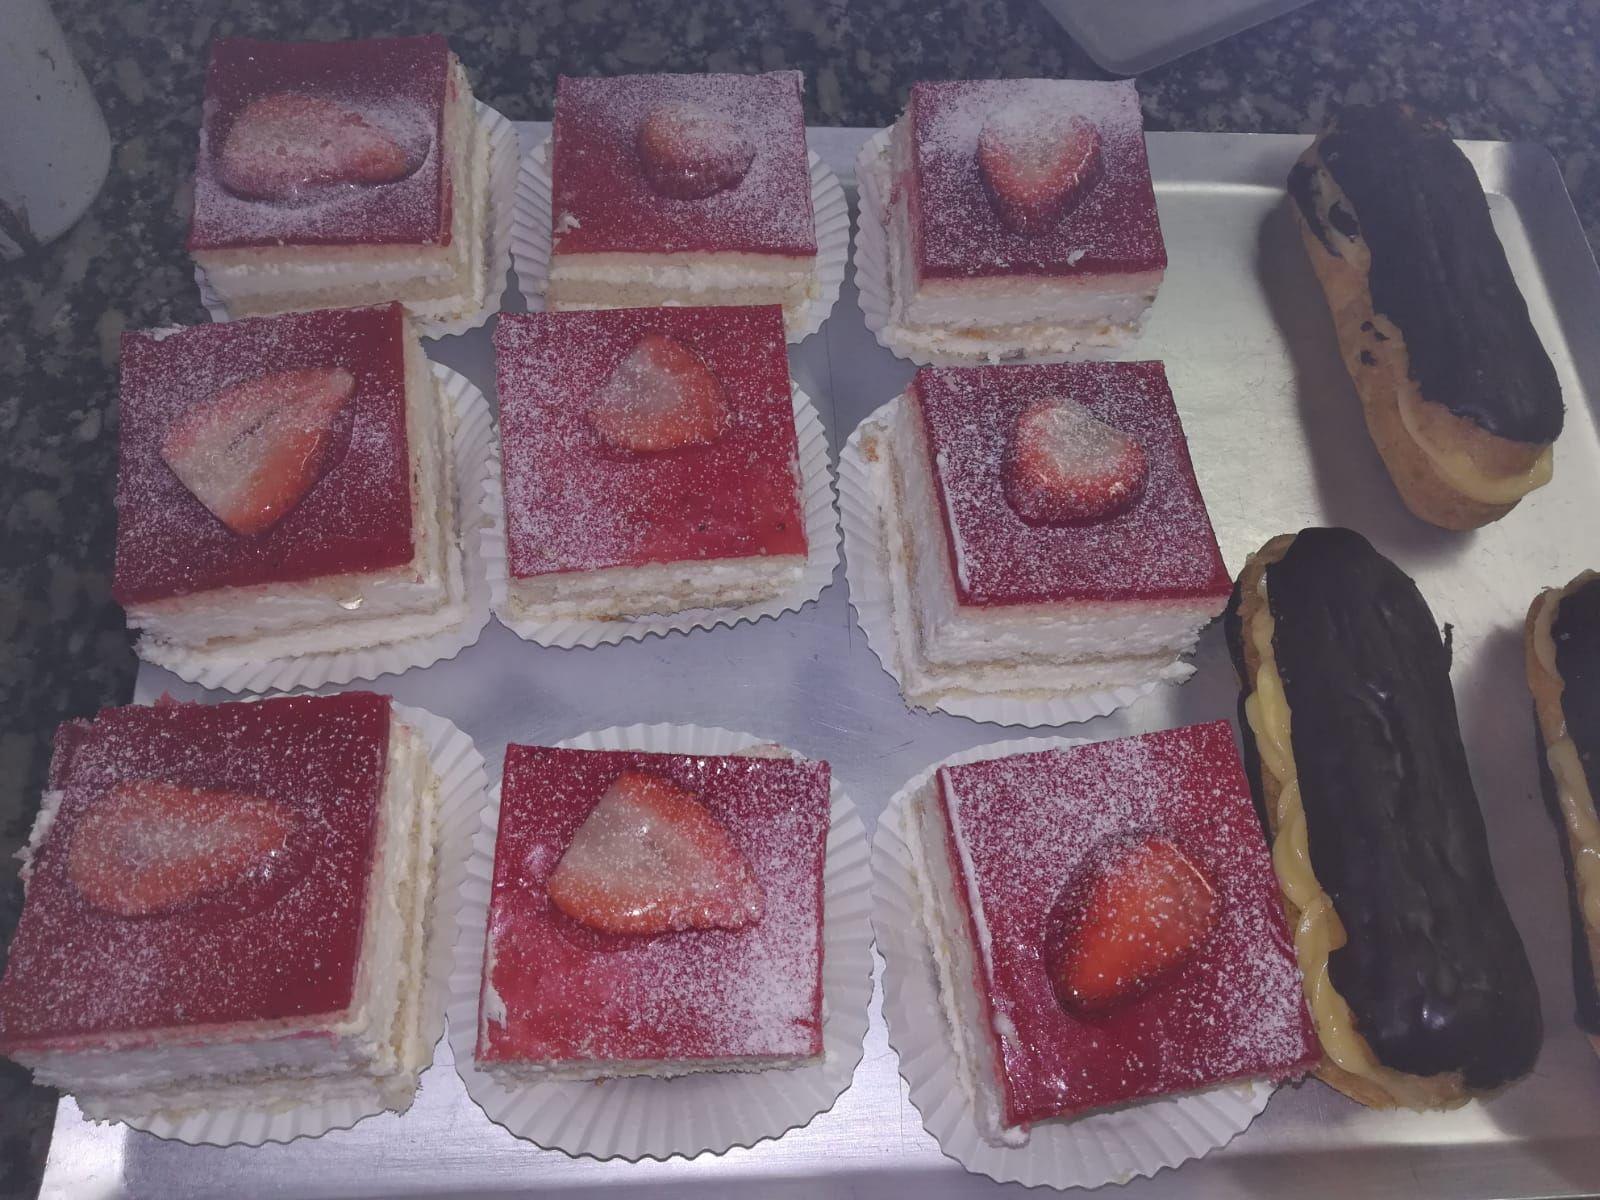 Los mejores dulces en Lugo